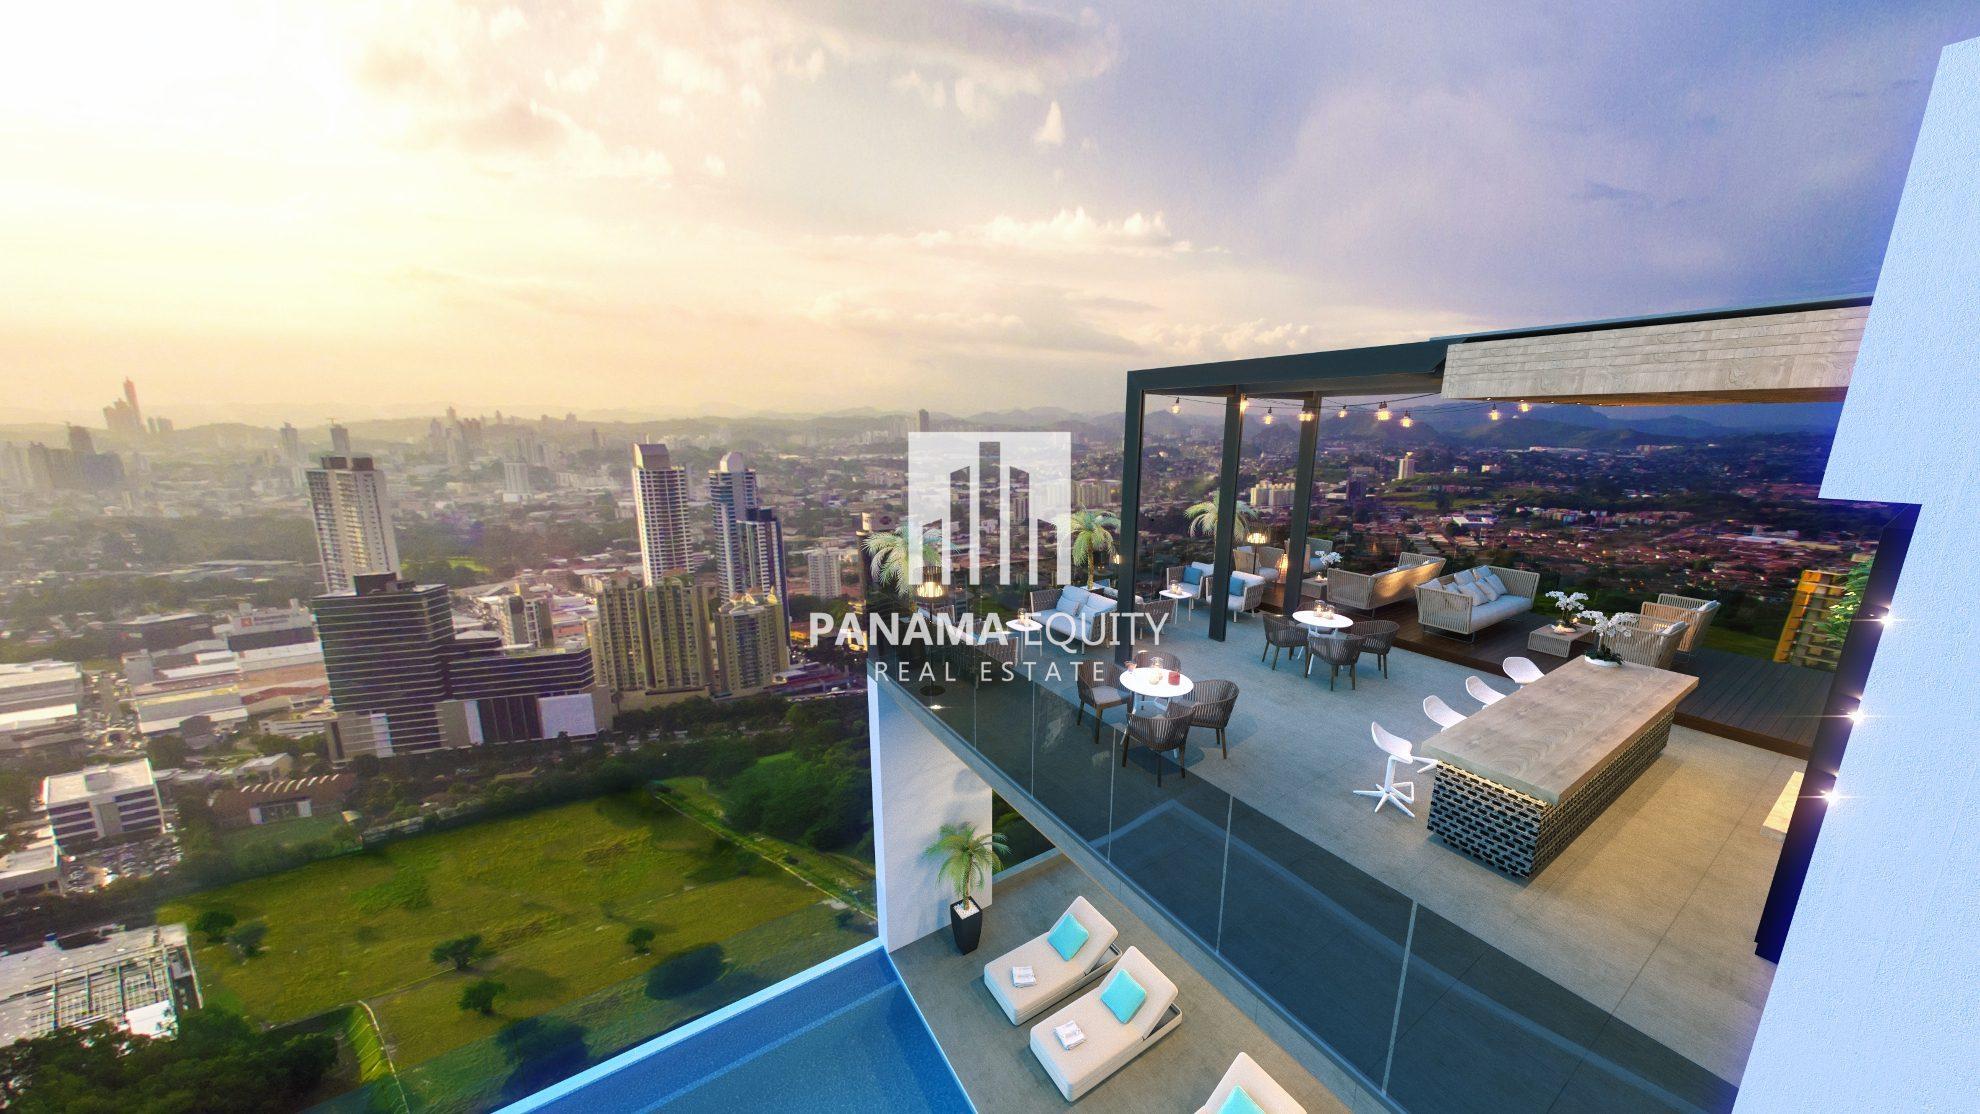 A Totally New Concept for Panama in Costa del Este